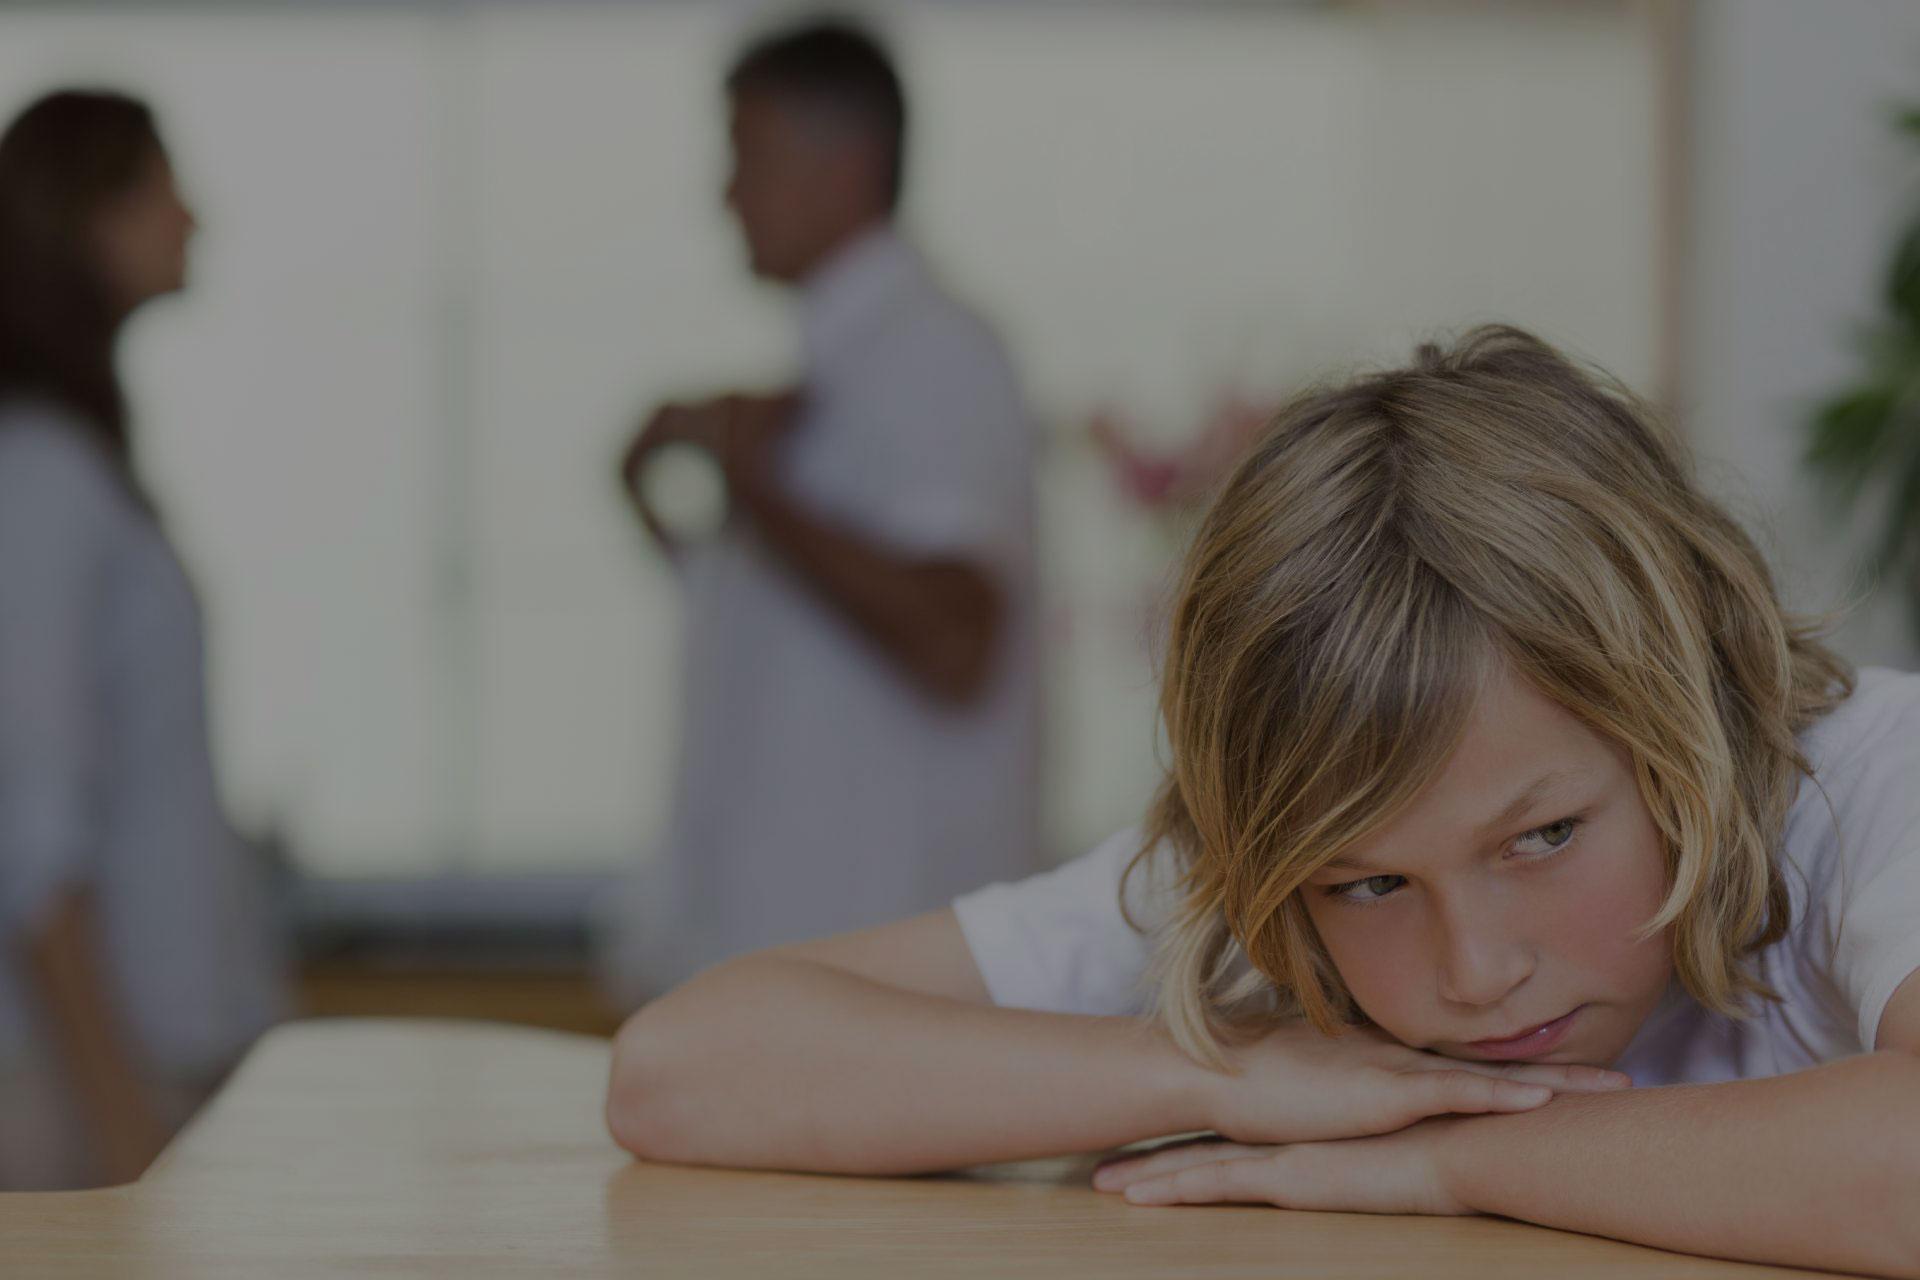 Депрессия: явная депрессия, лечение, продолжительность — depressia.com